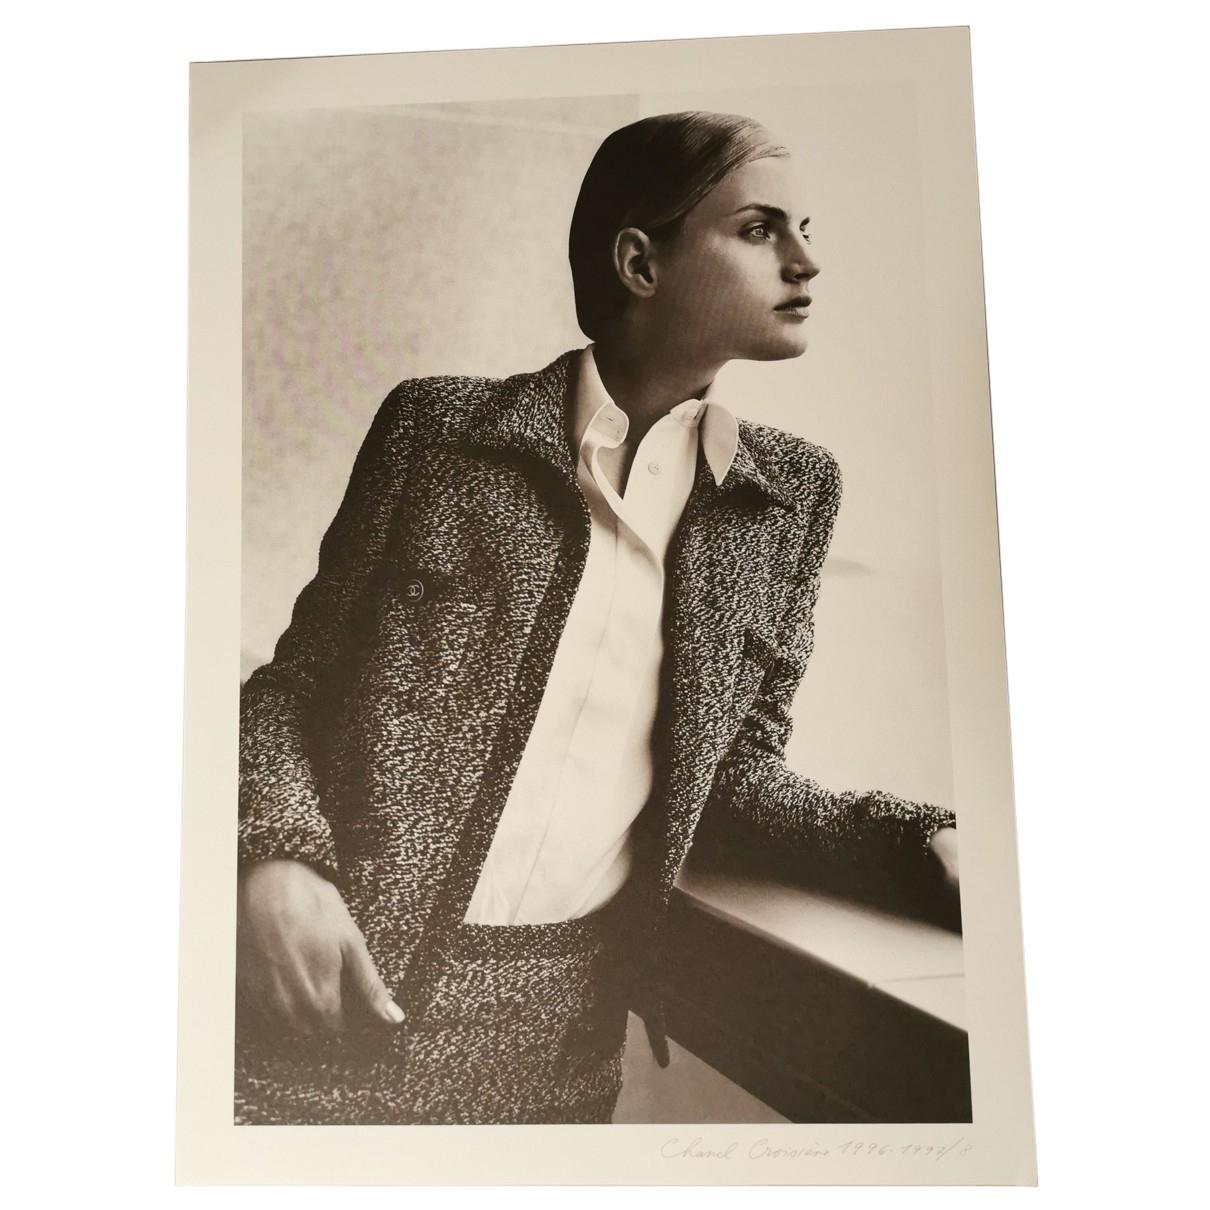 Chanel - Photographie   pour lifestyle en bois